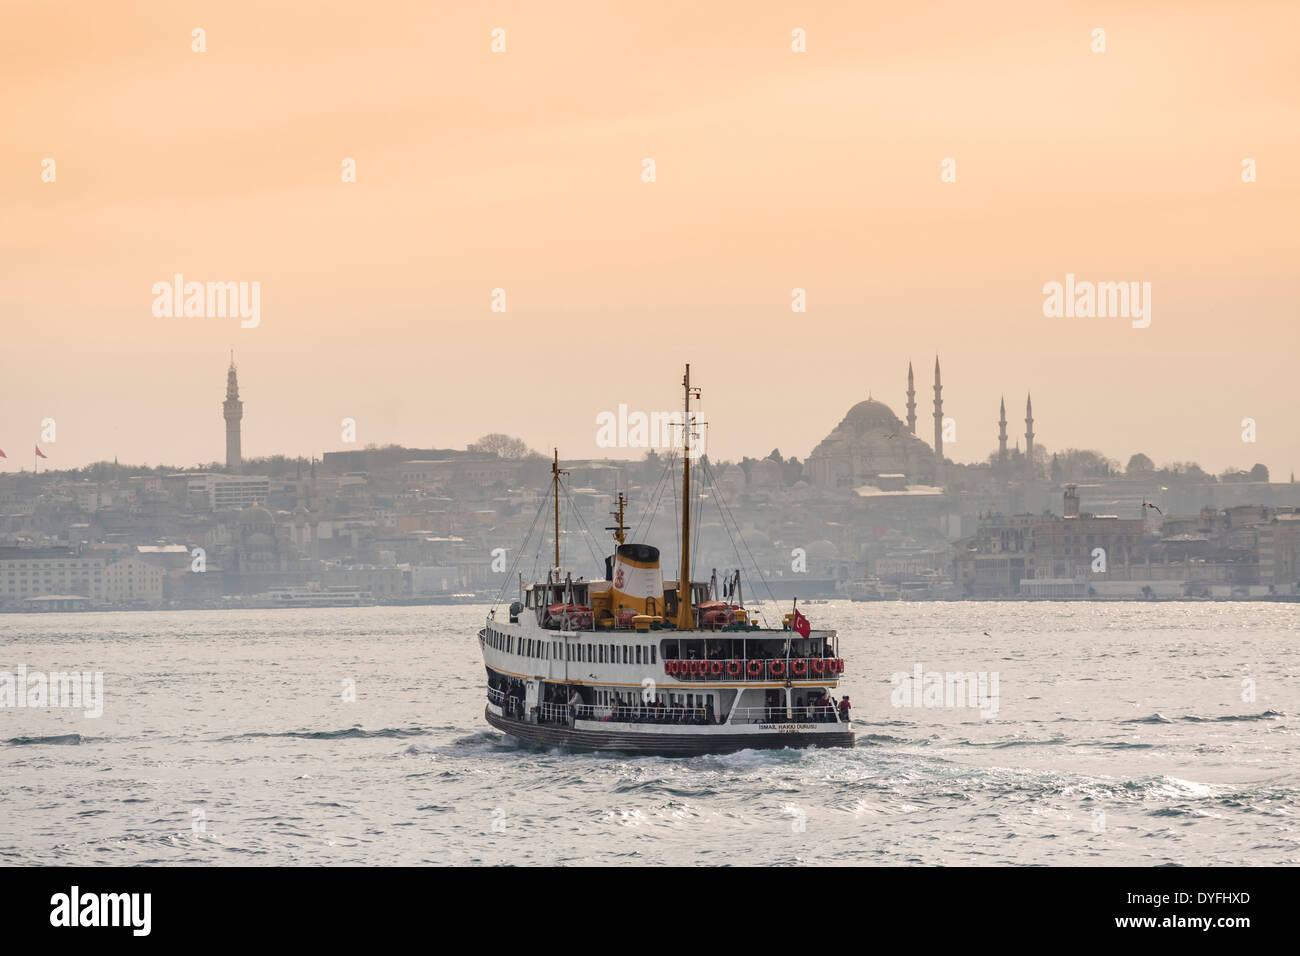 Cruise boat/ferry on the Bosphorus heading into Eminonu, Istanbul, Turkey - Stock Image